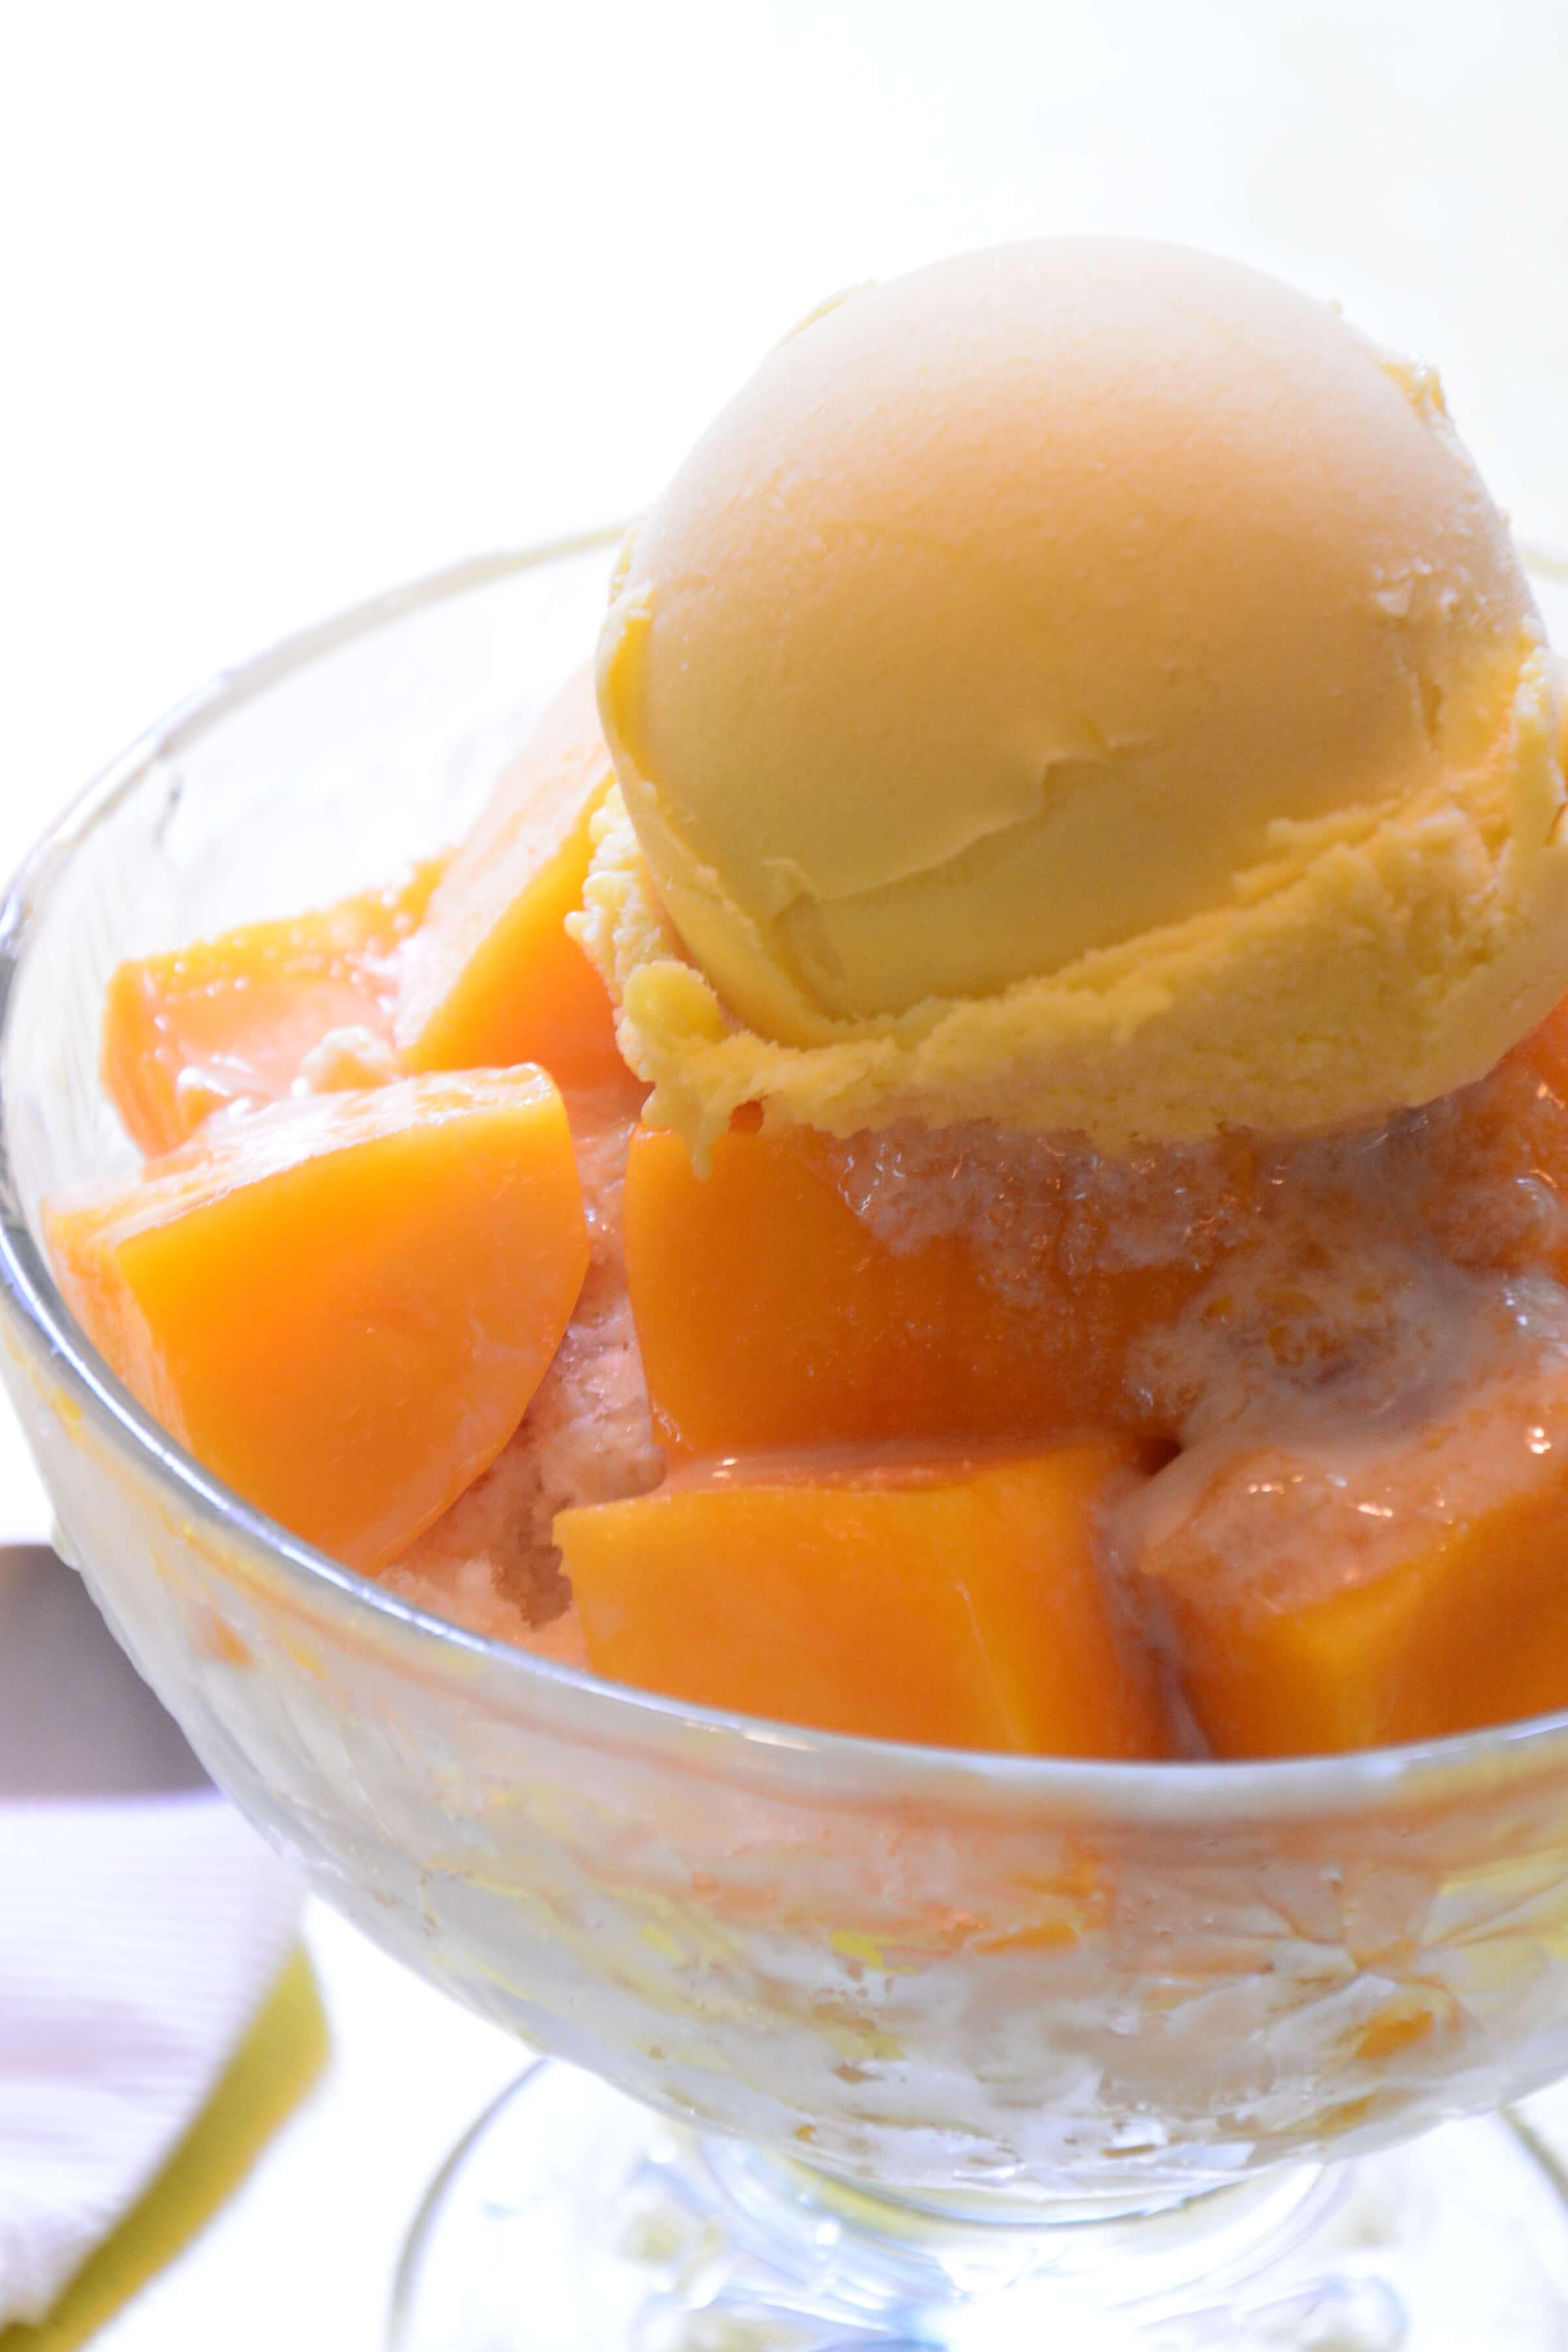 「百果園」のお上品なマンゴーかき氷